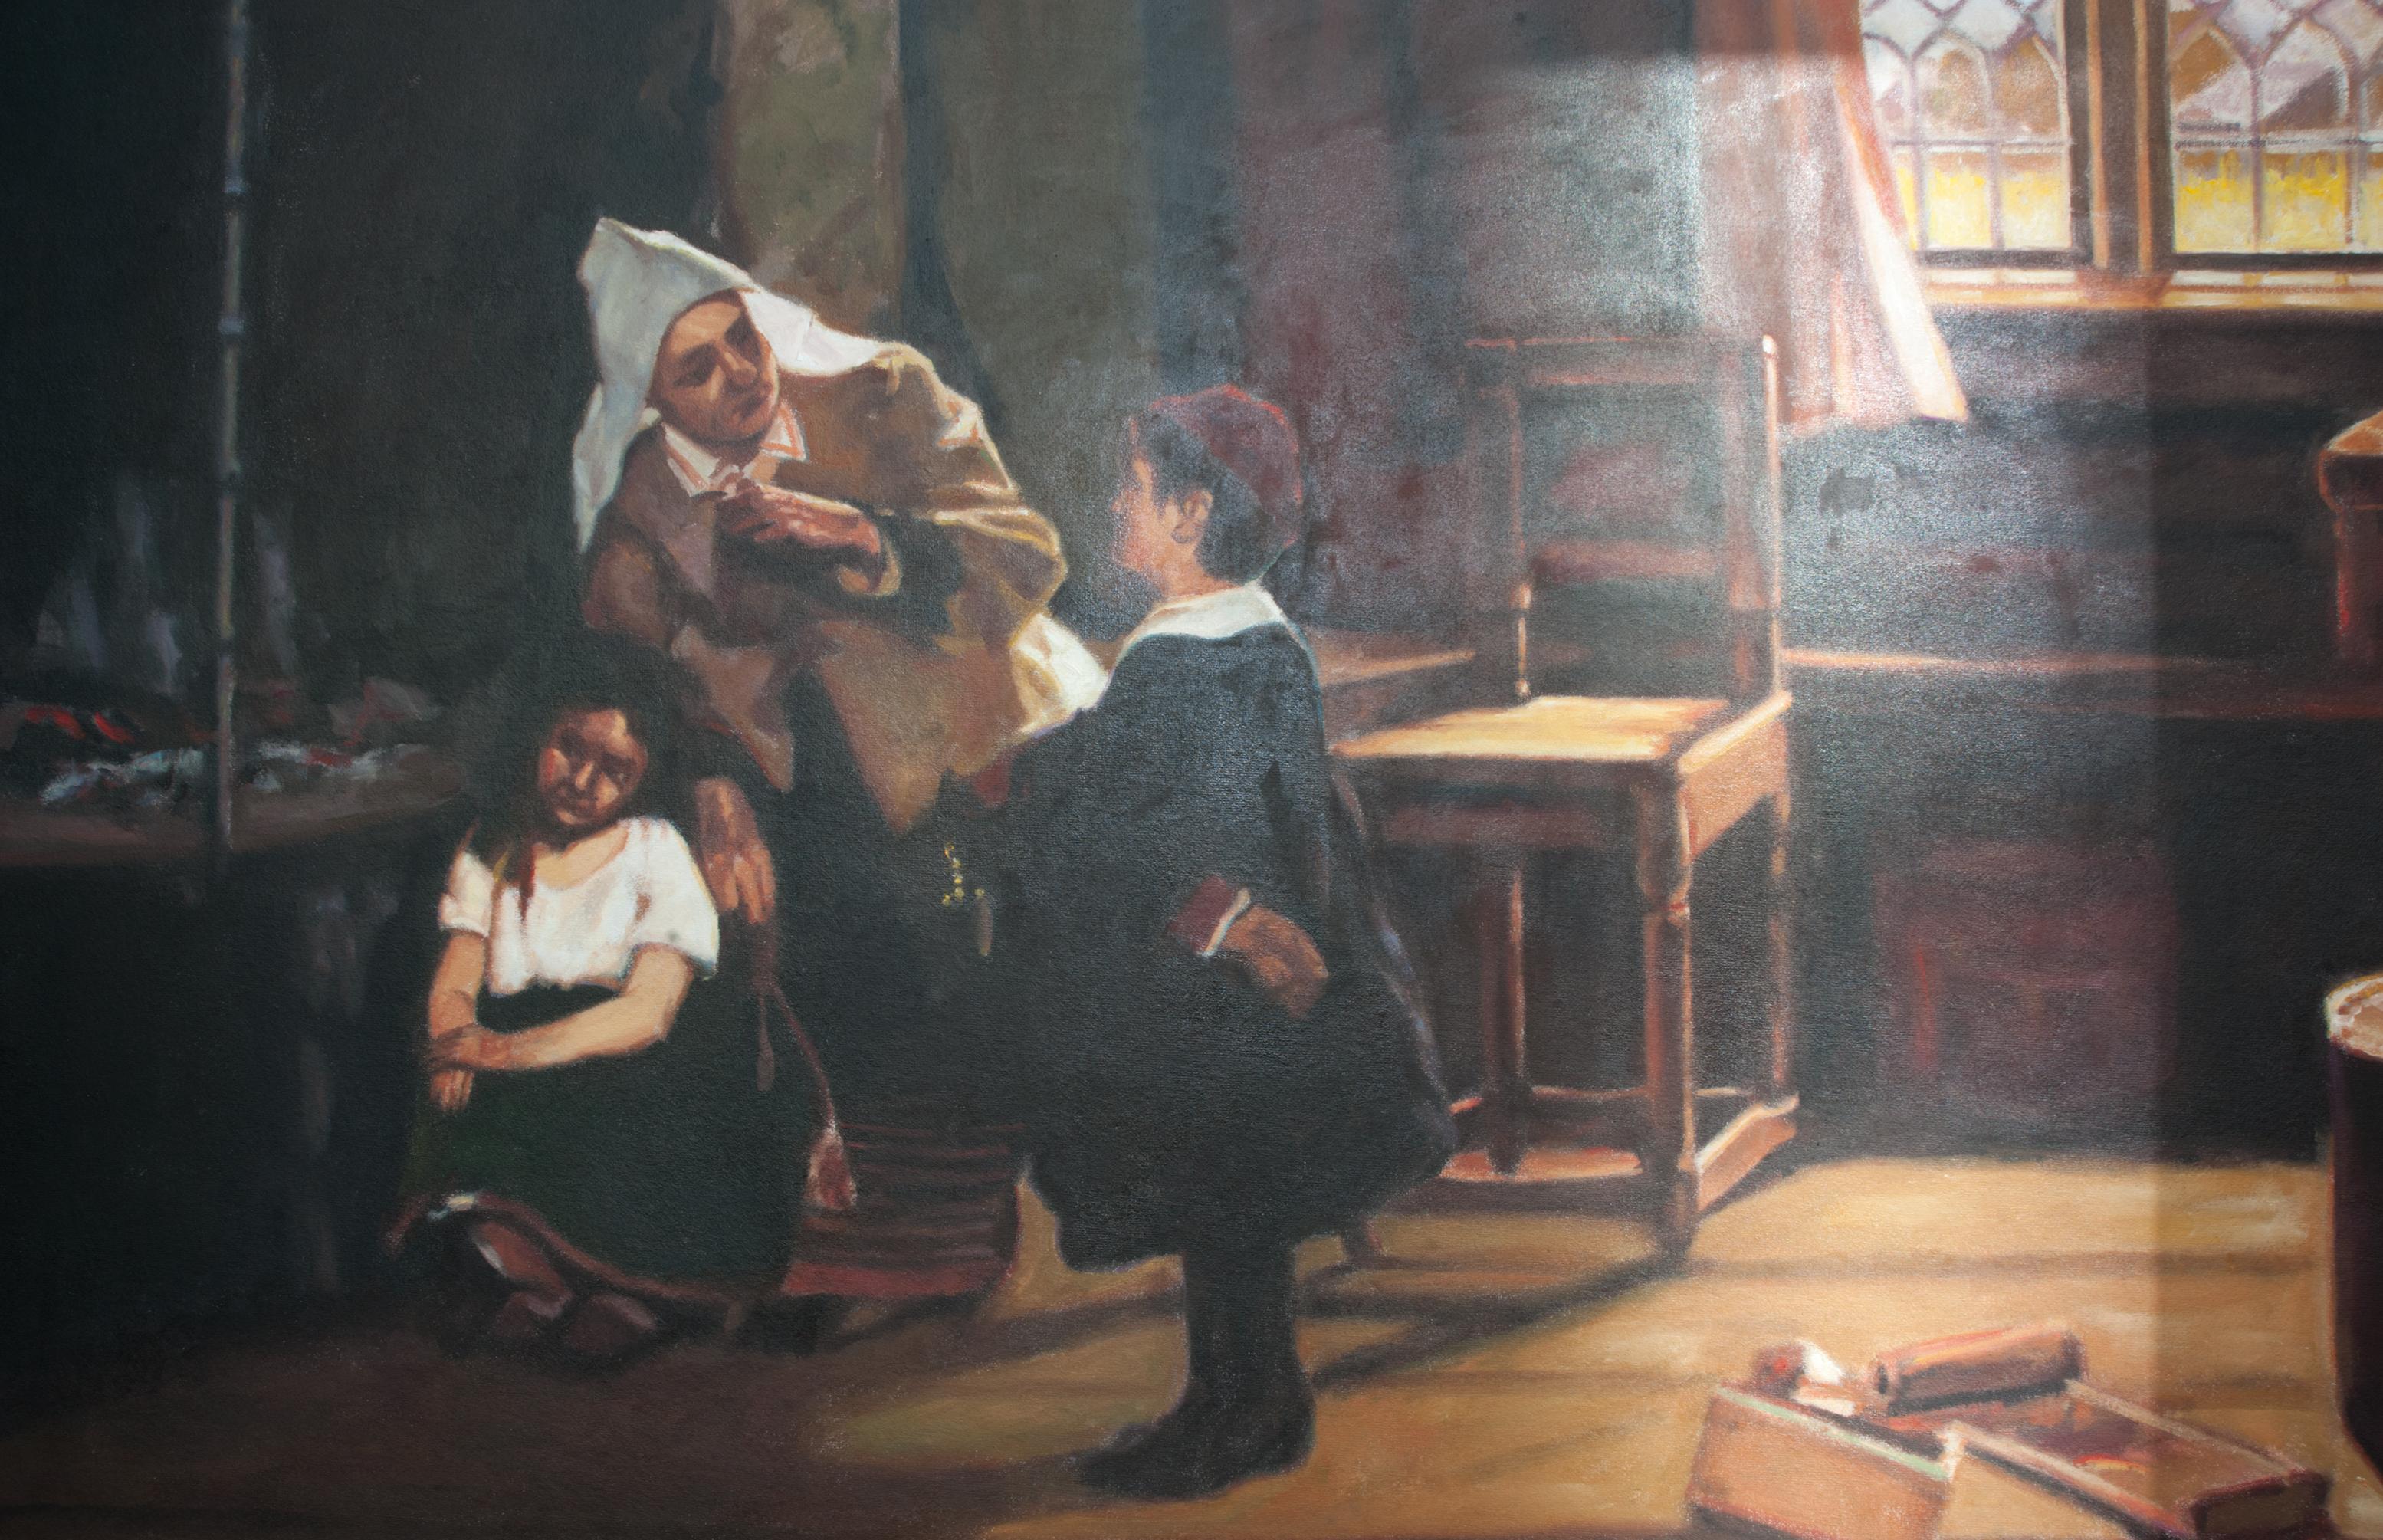 Reproduktion av Claes-Åke Schlönzig - Ernst Josephsson - Sagoberätterska - Klicka för att byta till perspektivbild.